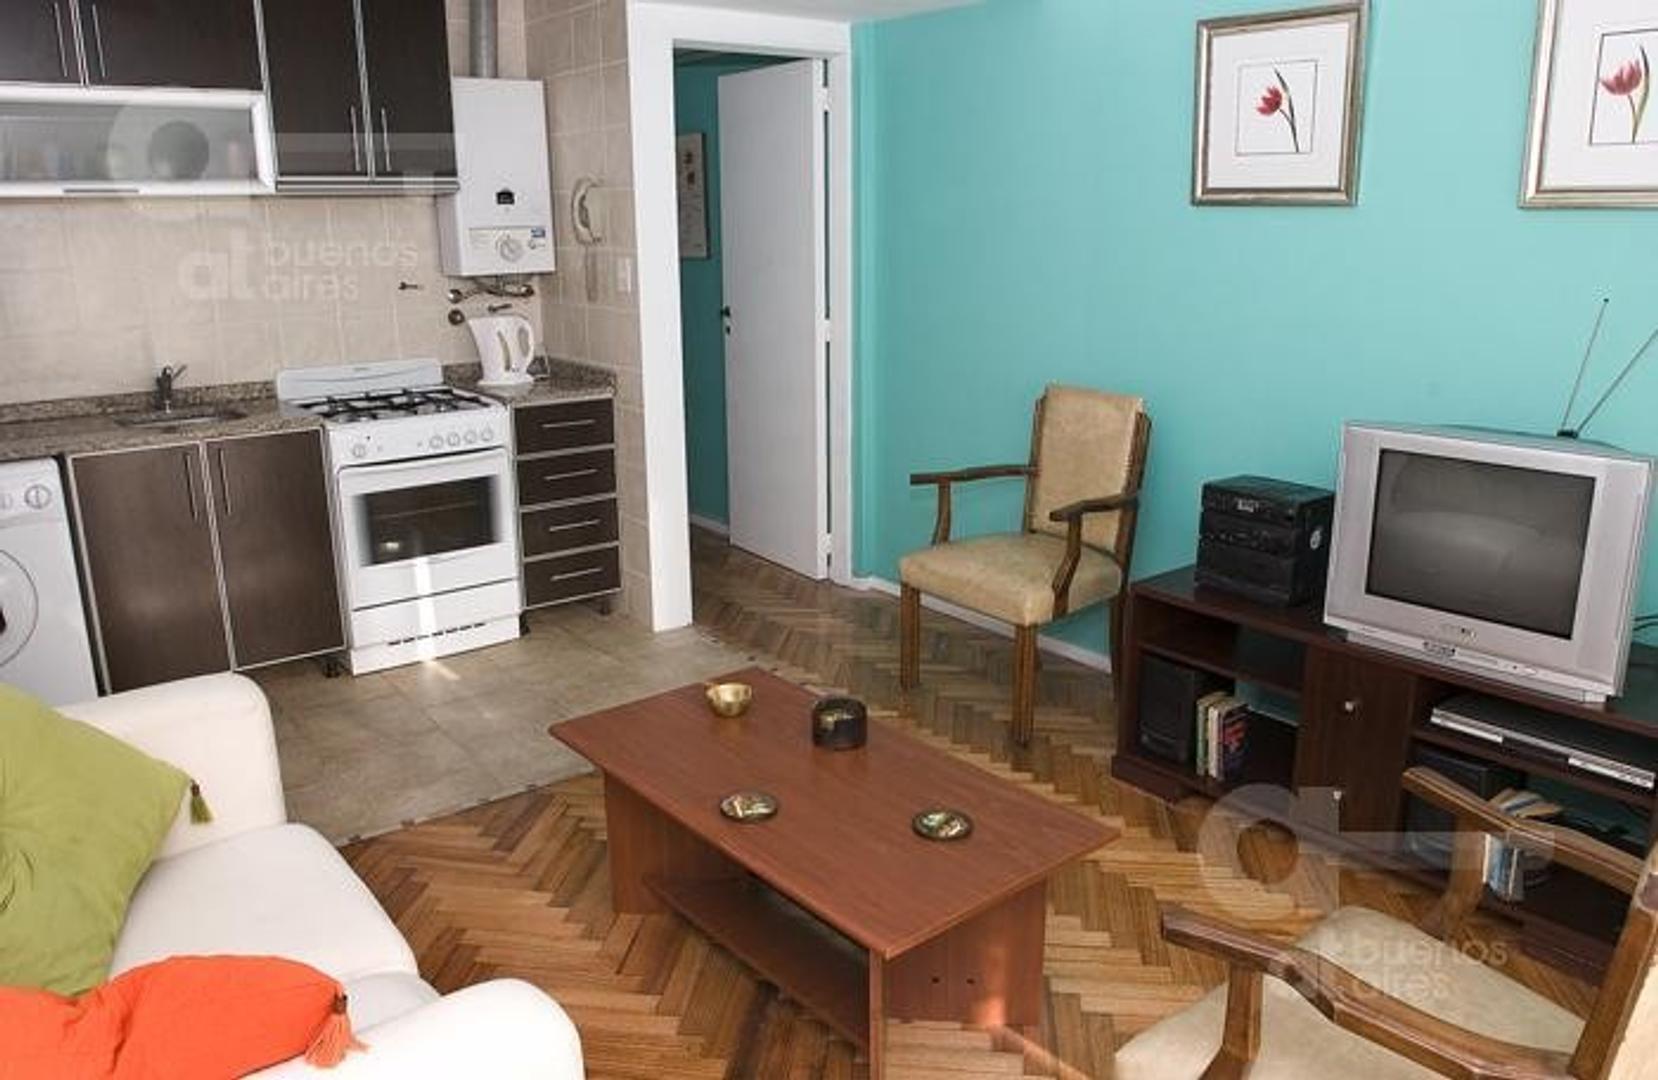 San Telmo, Departamento 2 Ambientes con Balcón Terraza, Alquiler Temporario Sin Garantía!